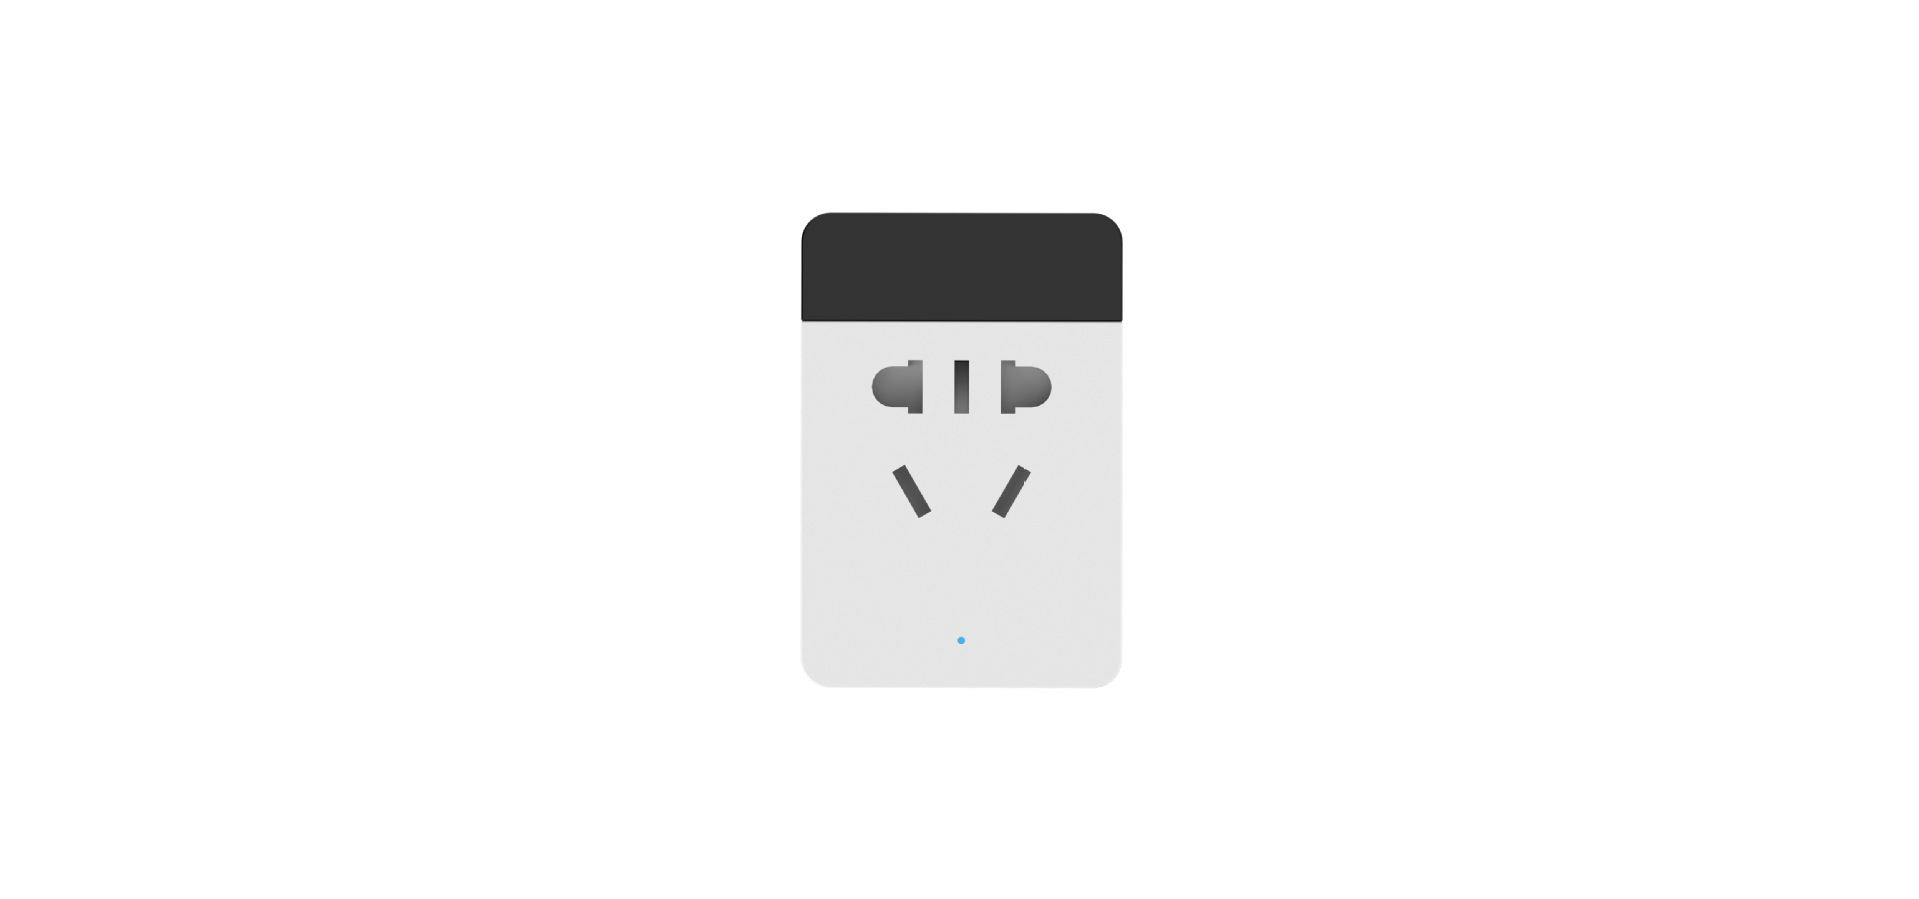 365天实时计量监测国标款无线WIFI手机远程定时红外遥控智能插座